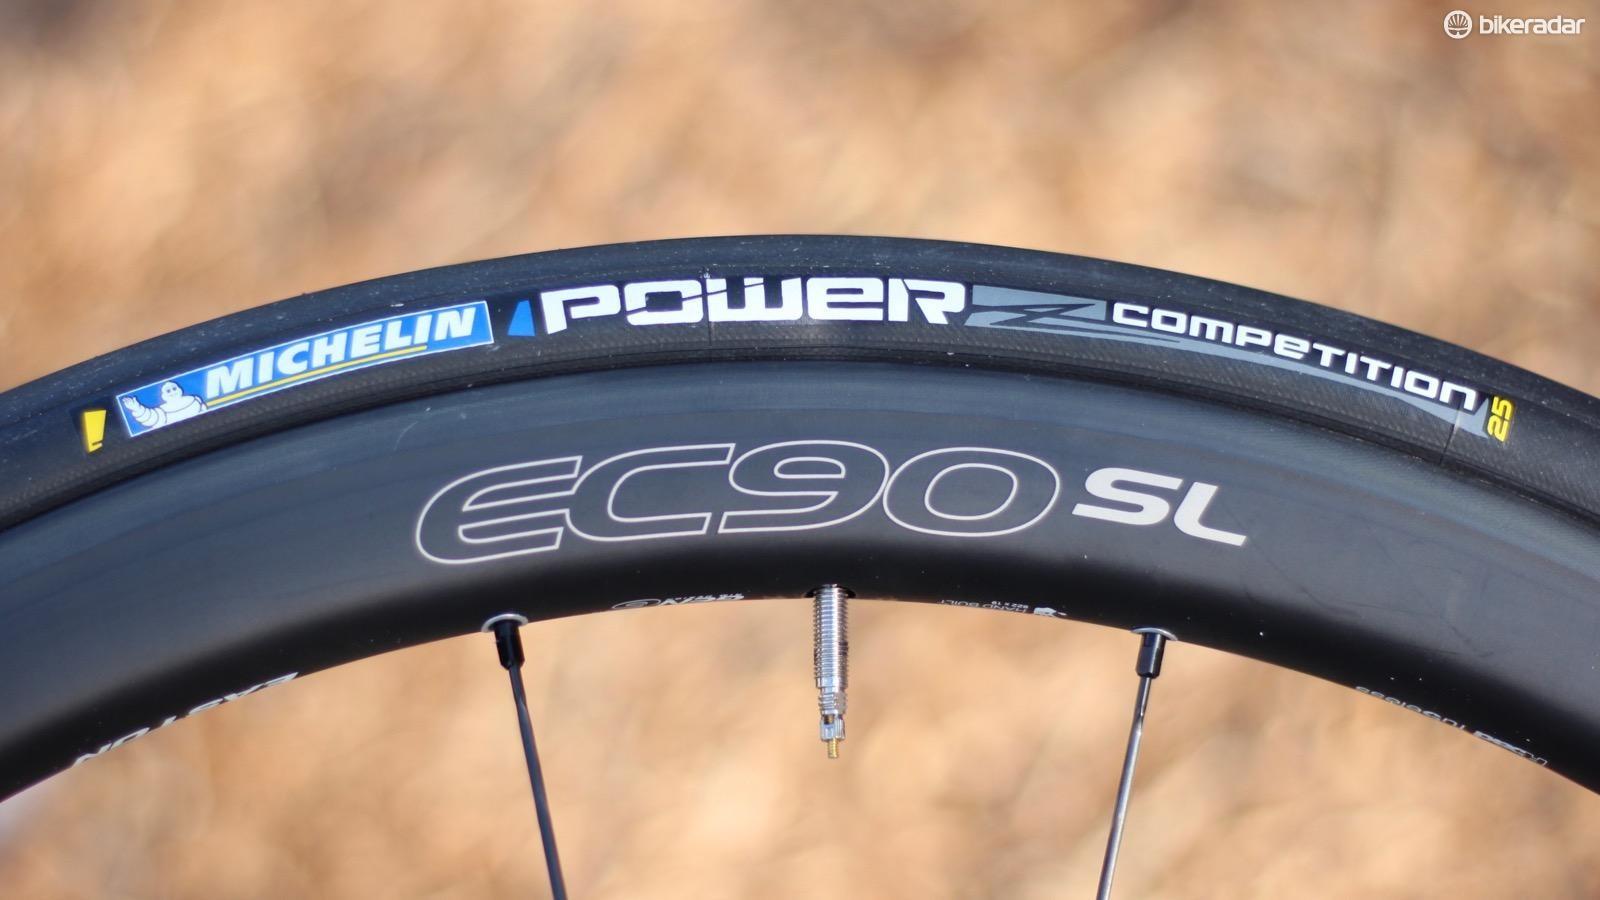 road-tire-test-8-1486070698670-134h1irkfu9ho-f09973c